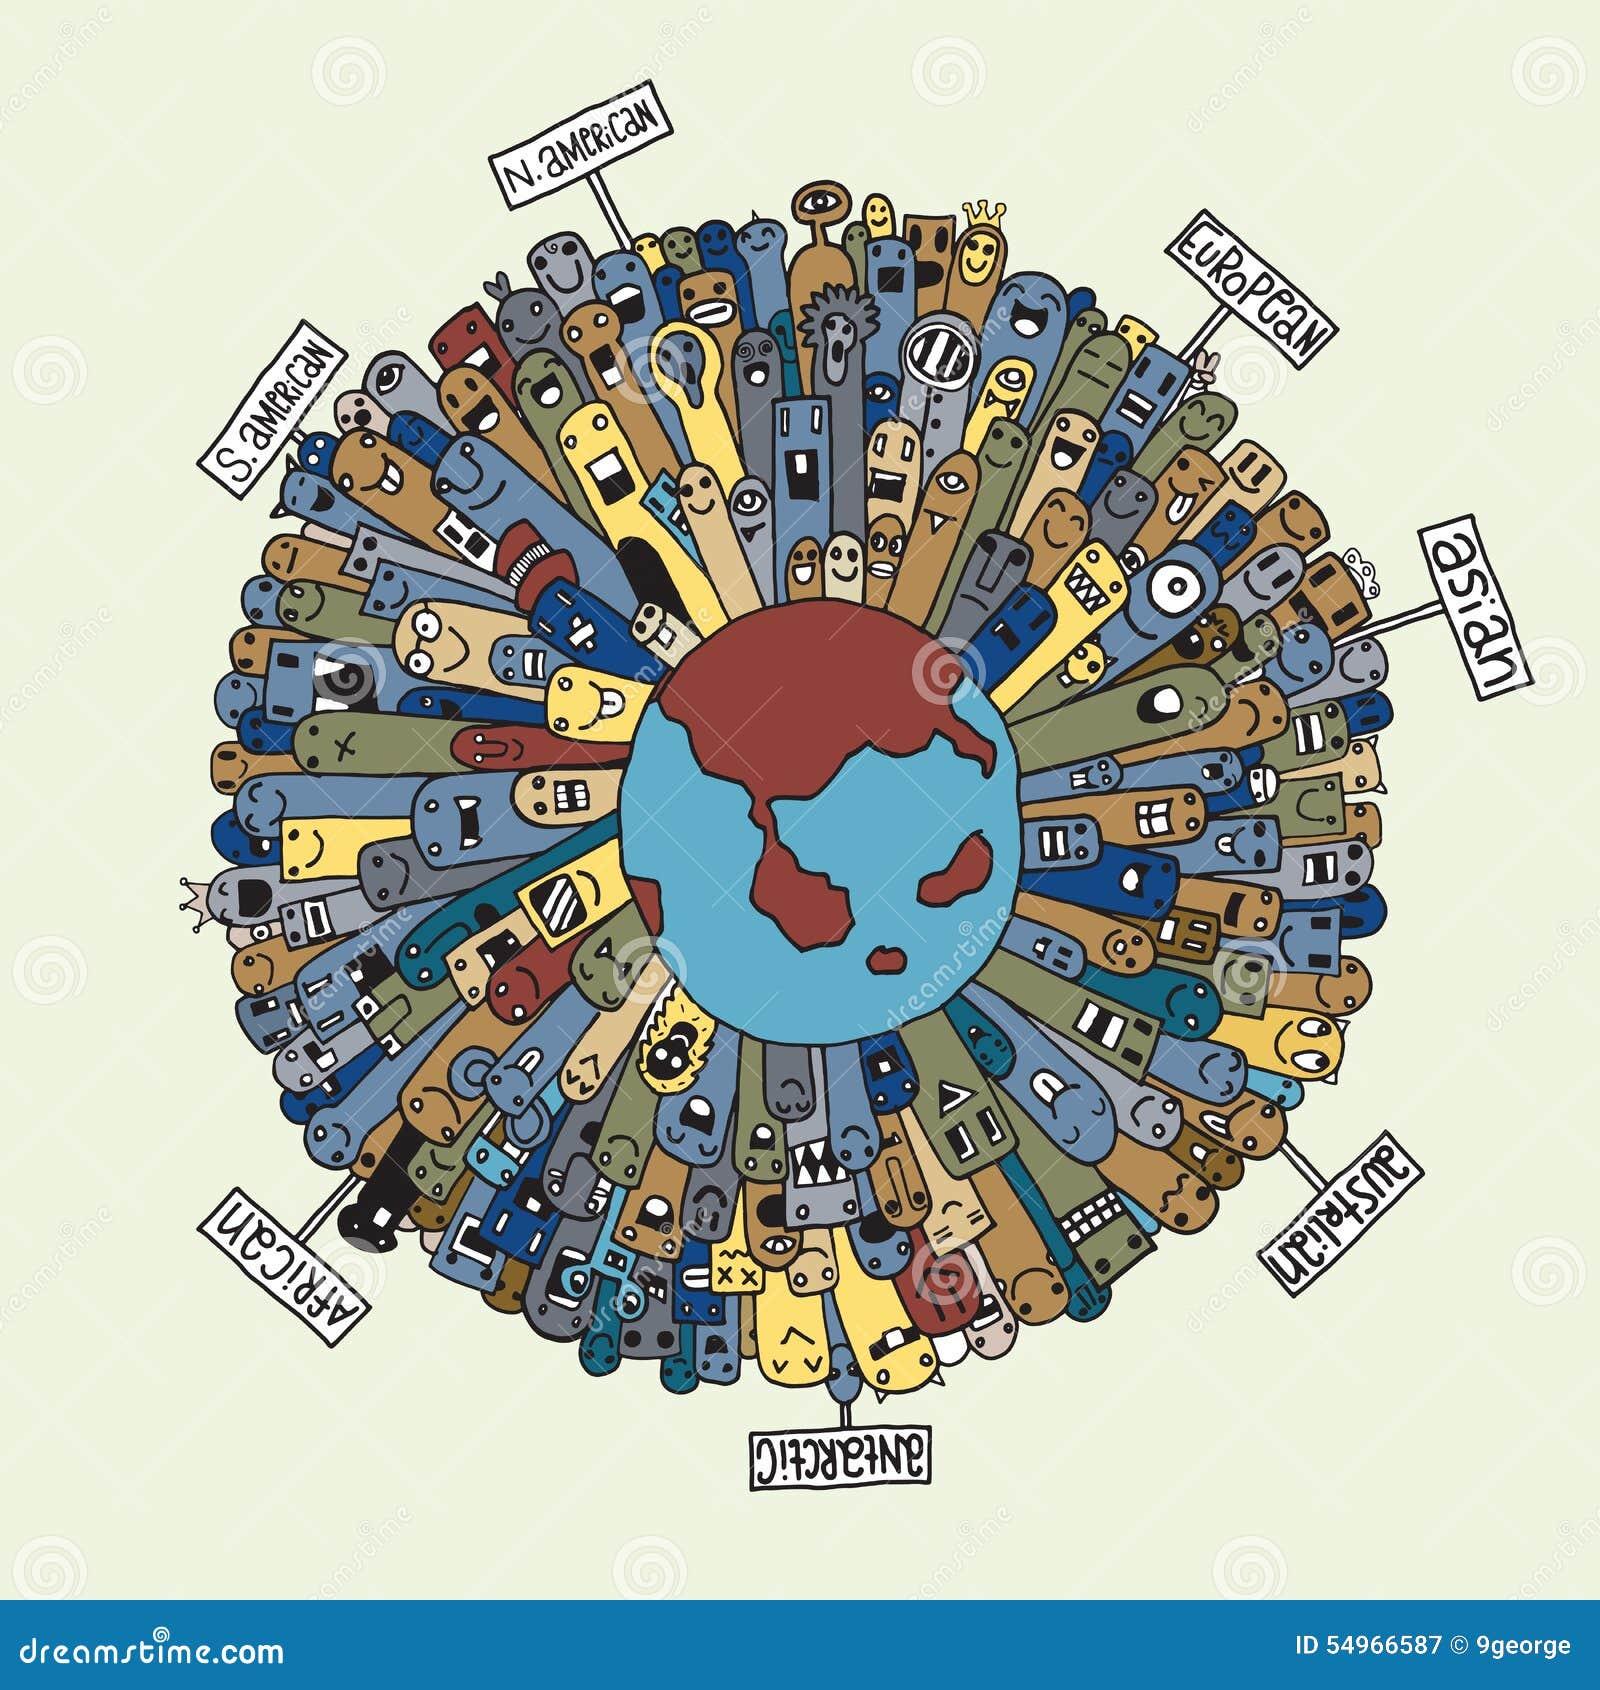 overpopulation how to fix it